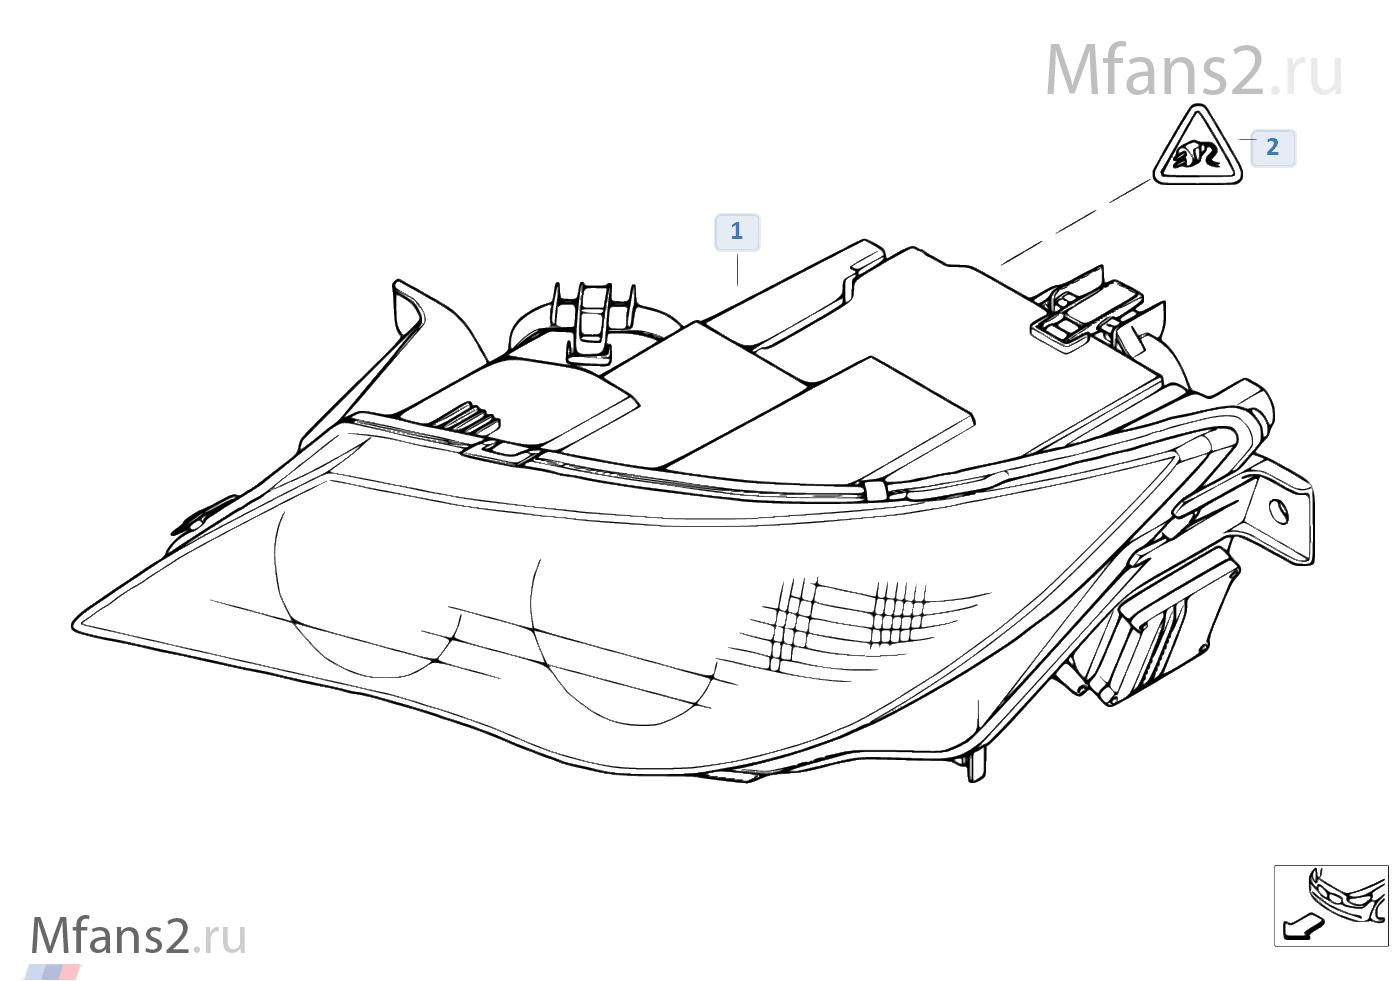 S524A Адаптивное освещение поворотов.  Ксеноновая фара не включает в себя блок управления и ксеноновую лампу.